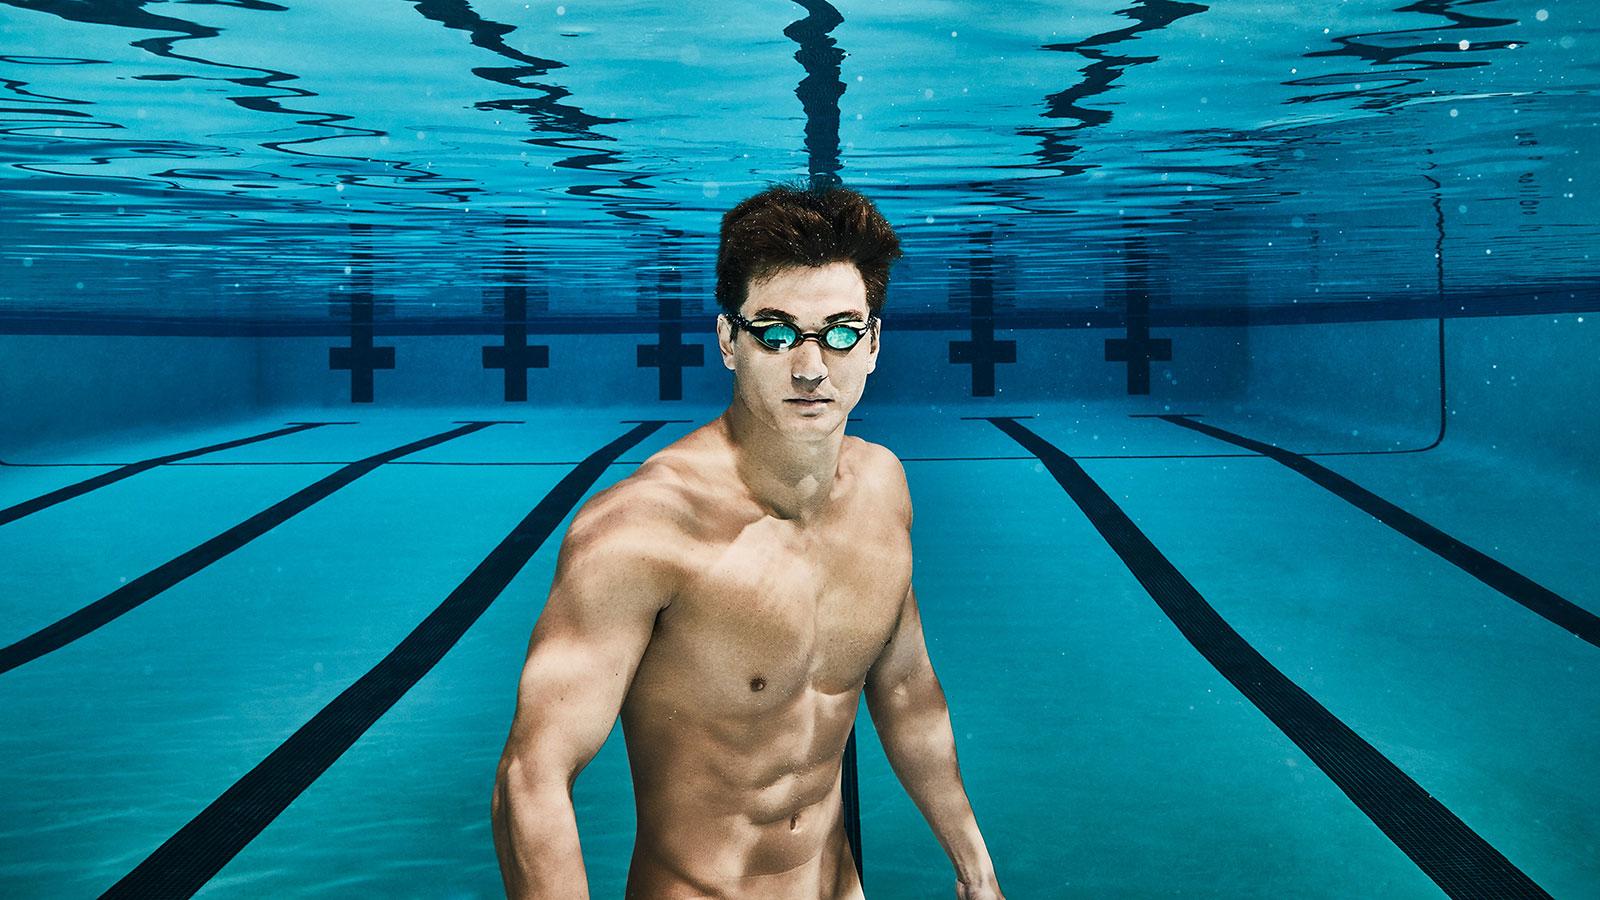 Nathan Adrian. В ежегодной фотосессии Body Issue для журнала ESPN приняли участие 20 известных спортсменов